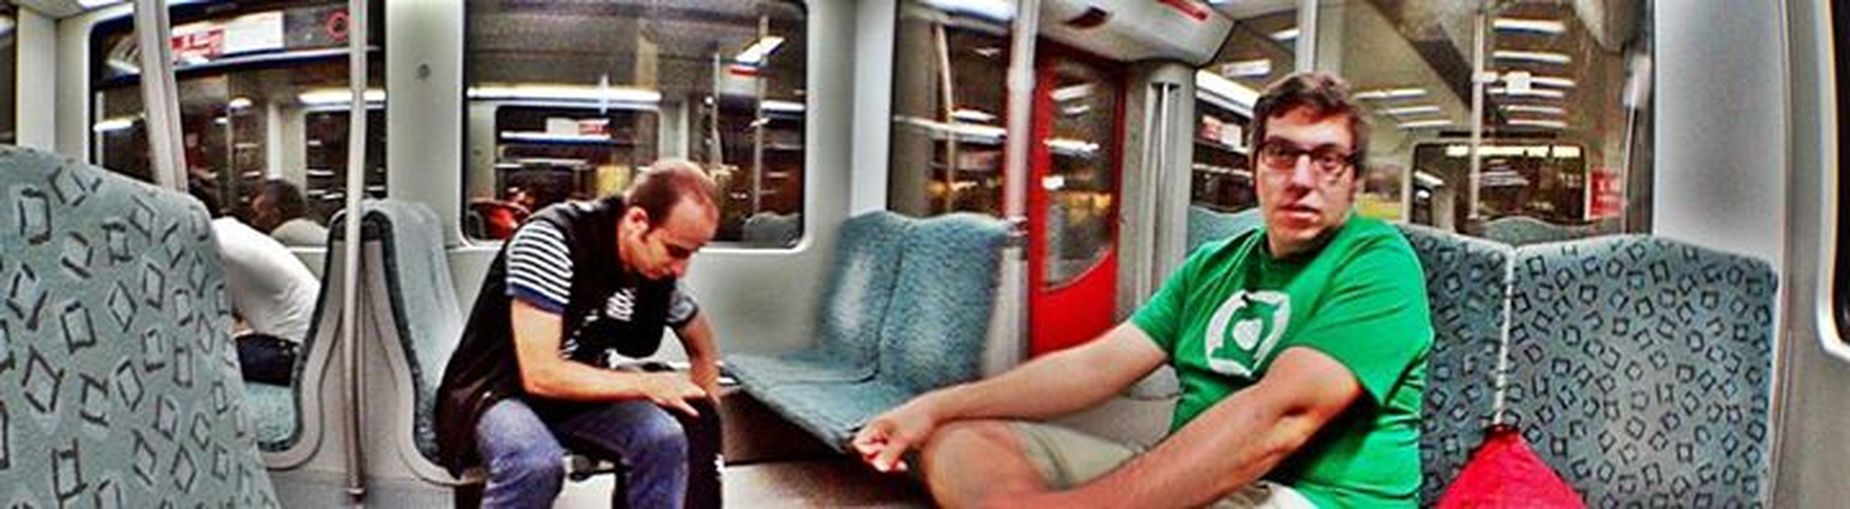 Withfriends Berlin Metro Goinghome